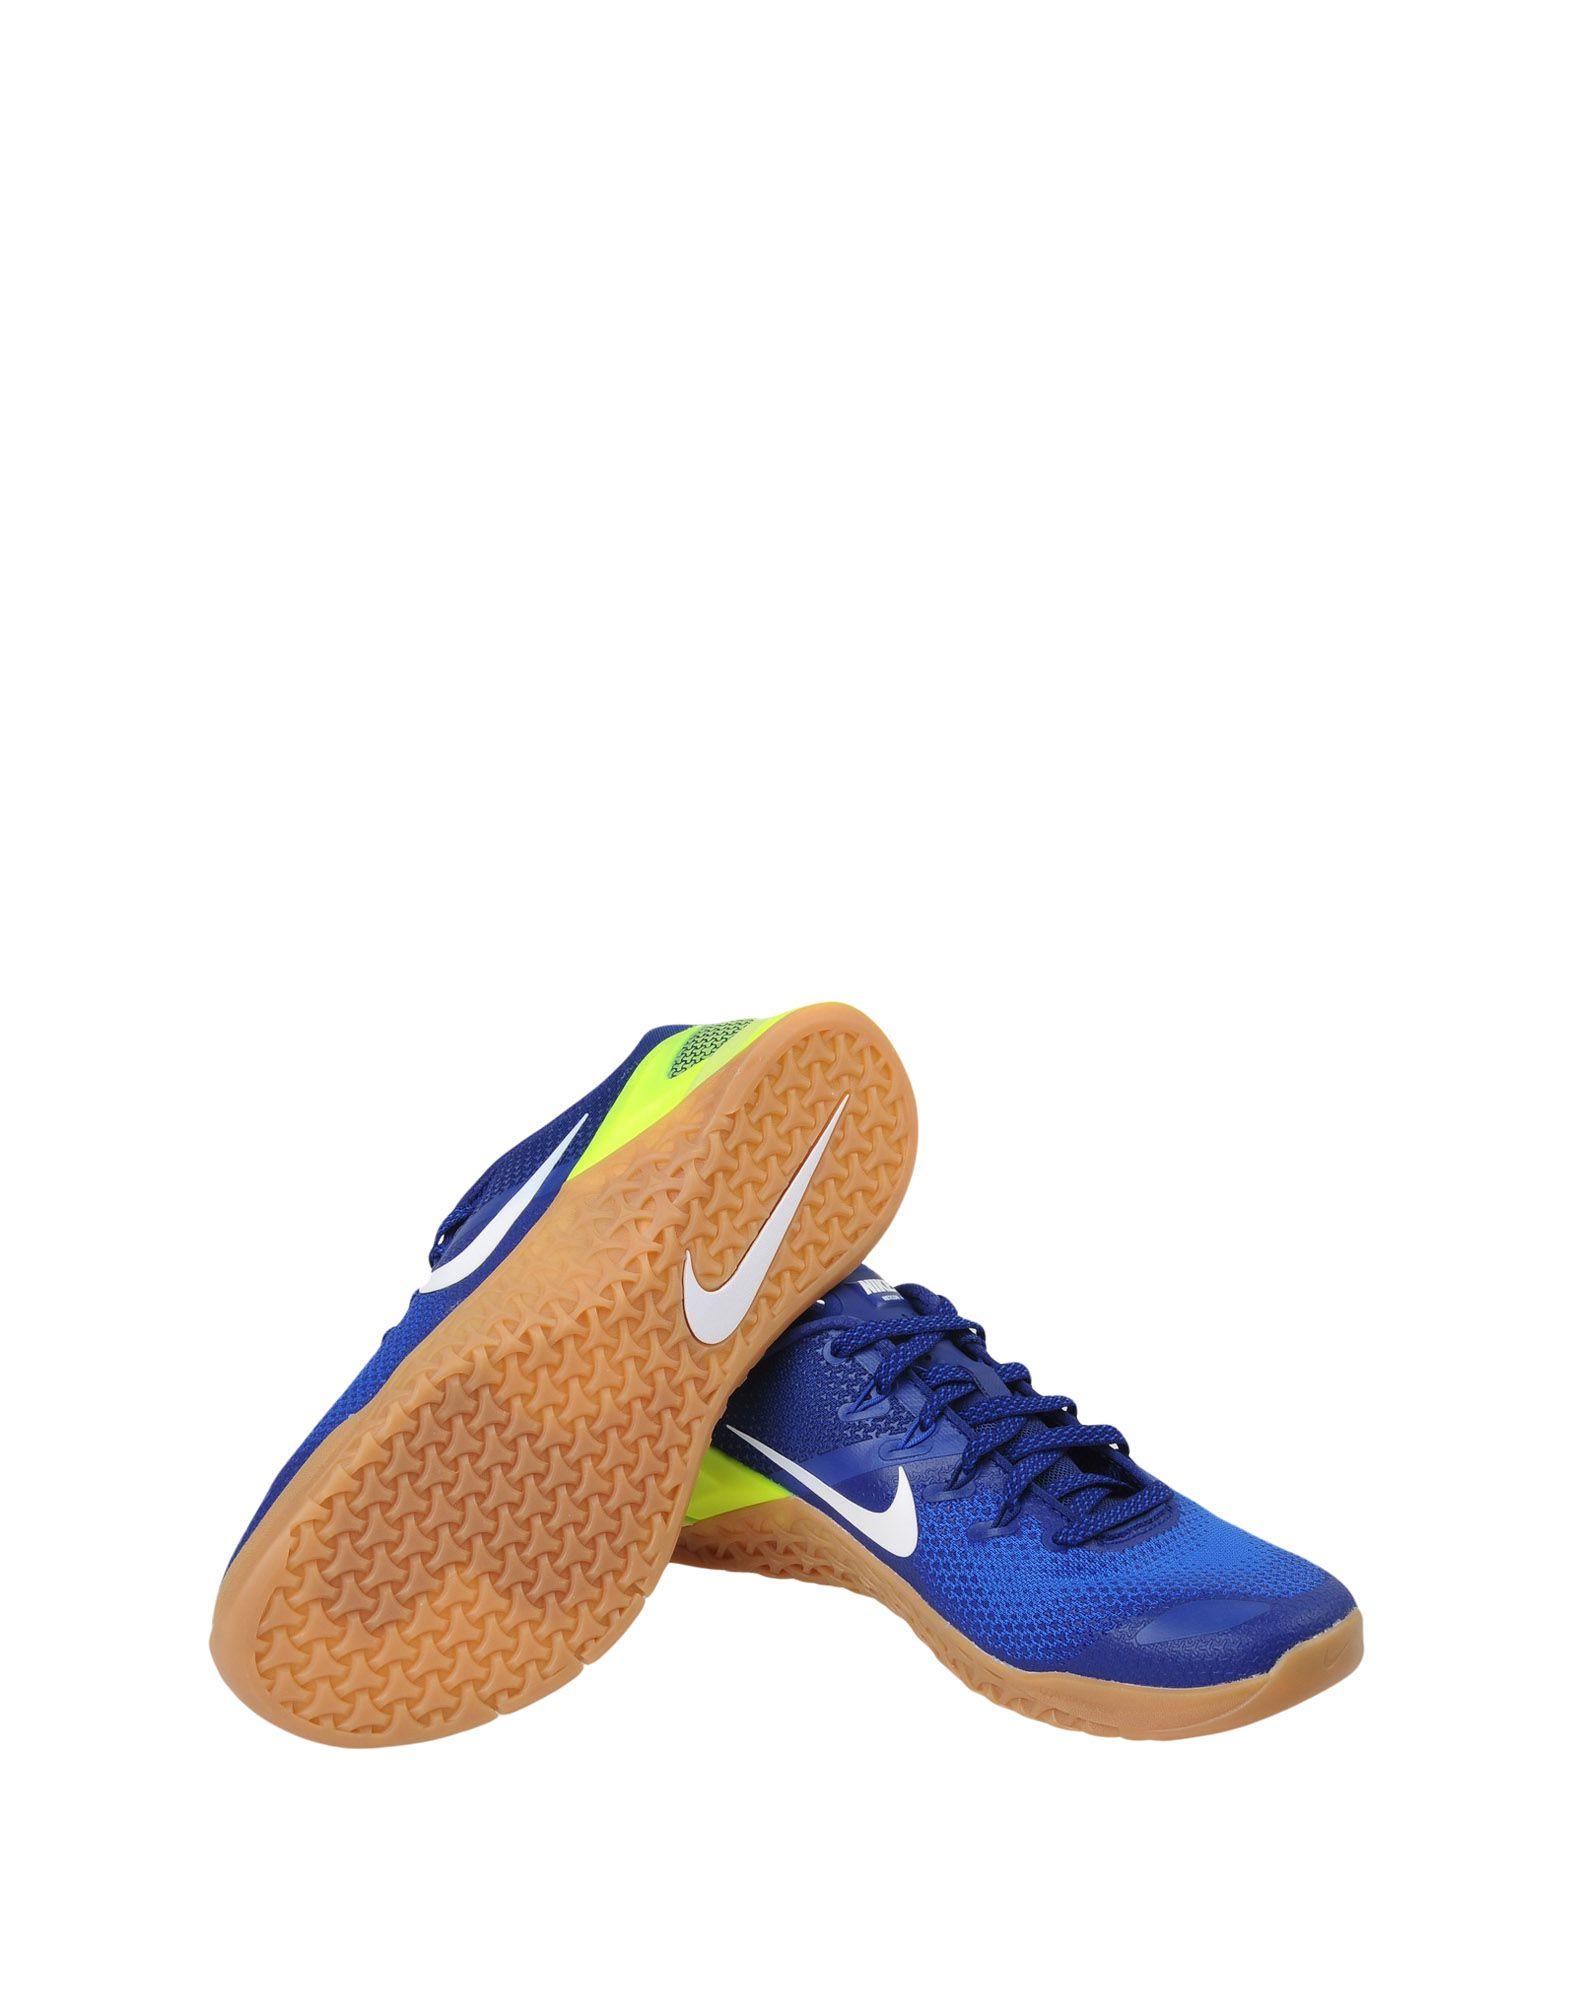 Sneakers Nike  Metcon 4 - Homme - Sneakers Nike sur